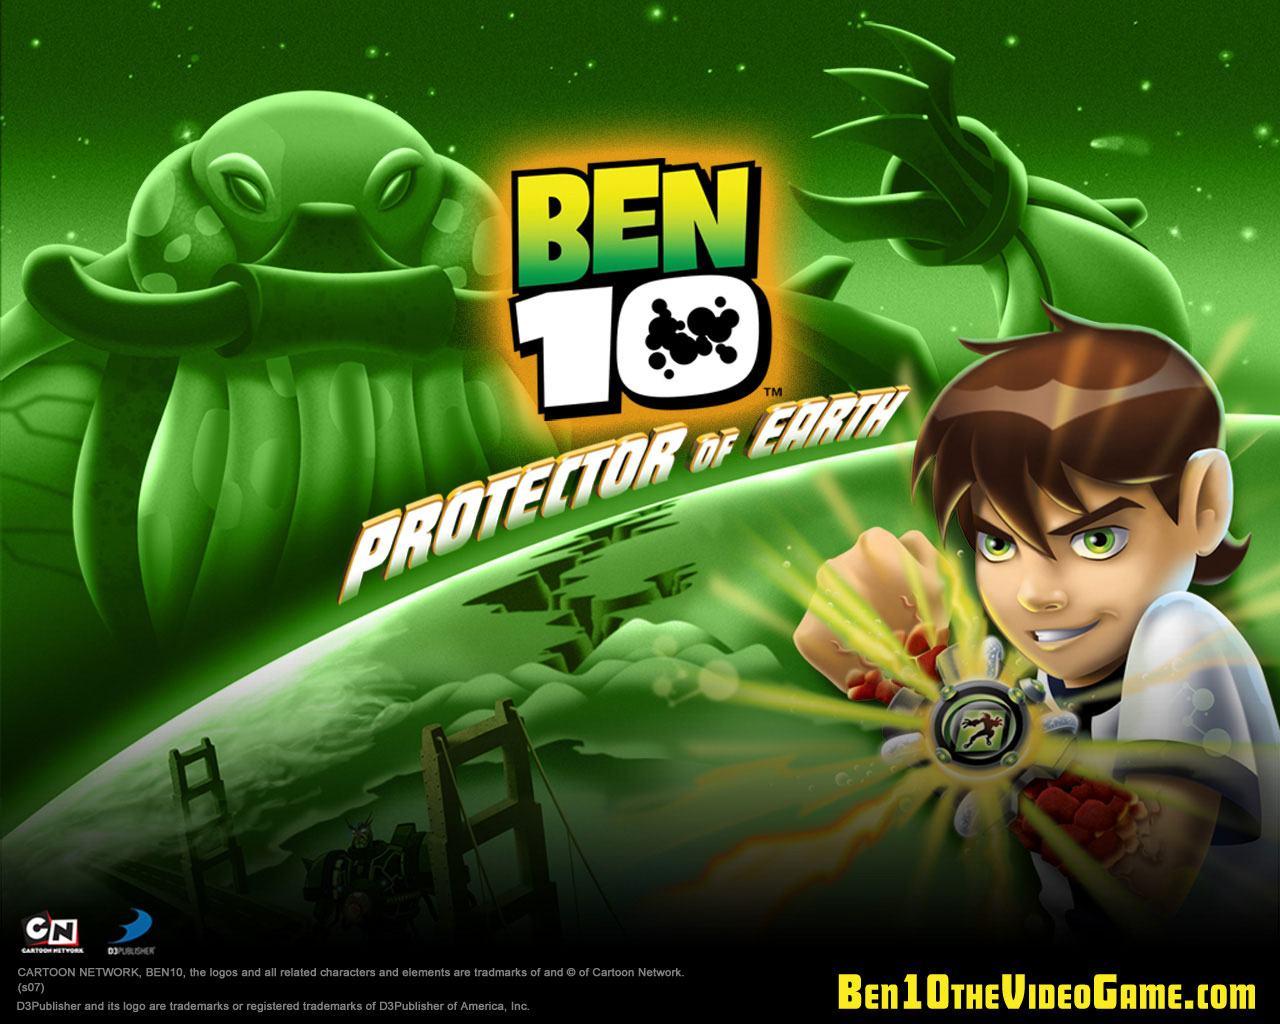 ben 10 игры онлайн бесплатно играть омниверс